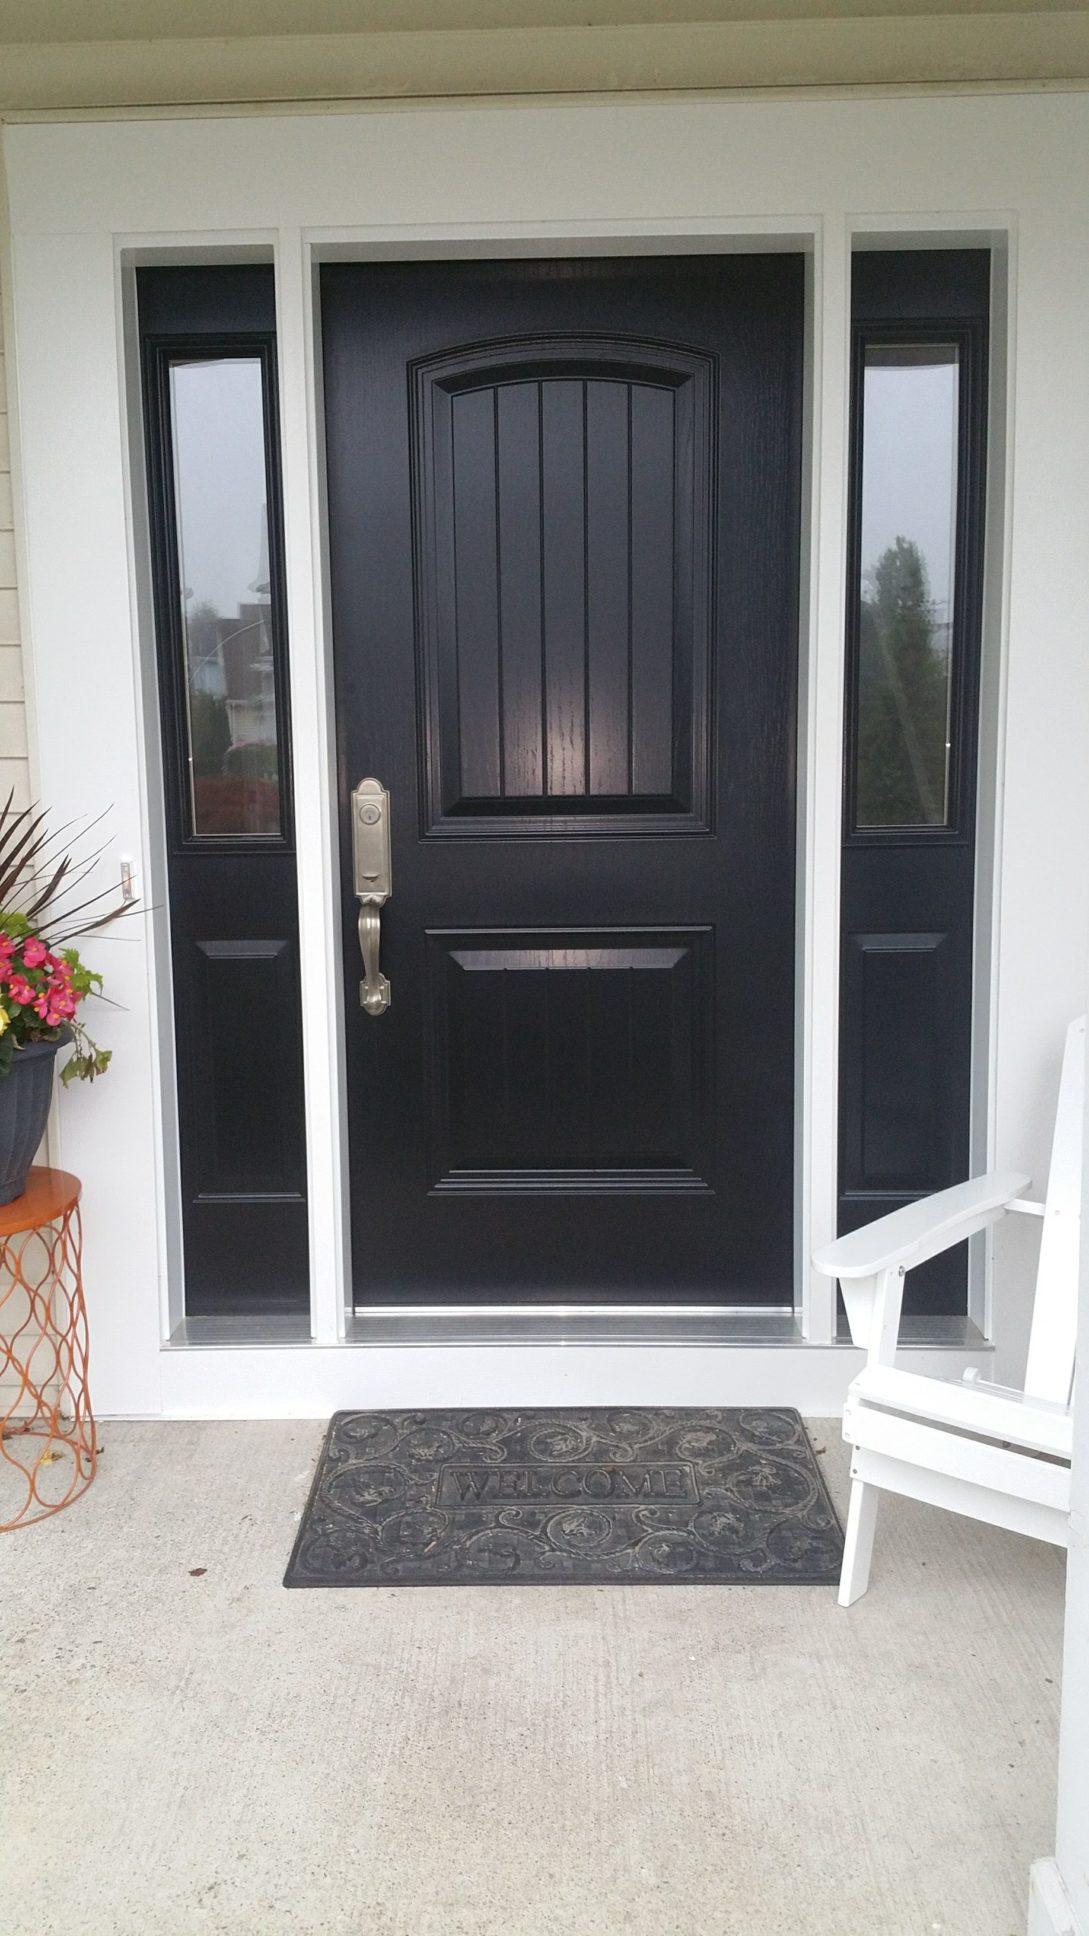 View Larger Image HMI Door ... & HMI Steel Door Oak Ridge NJ u2013 Taylor Rae